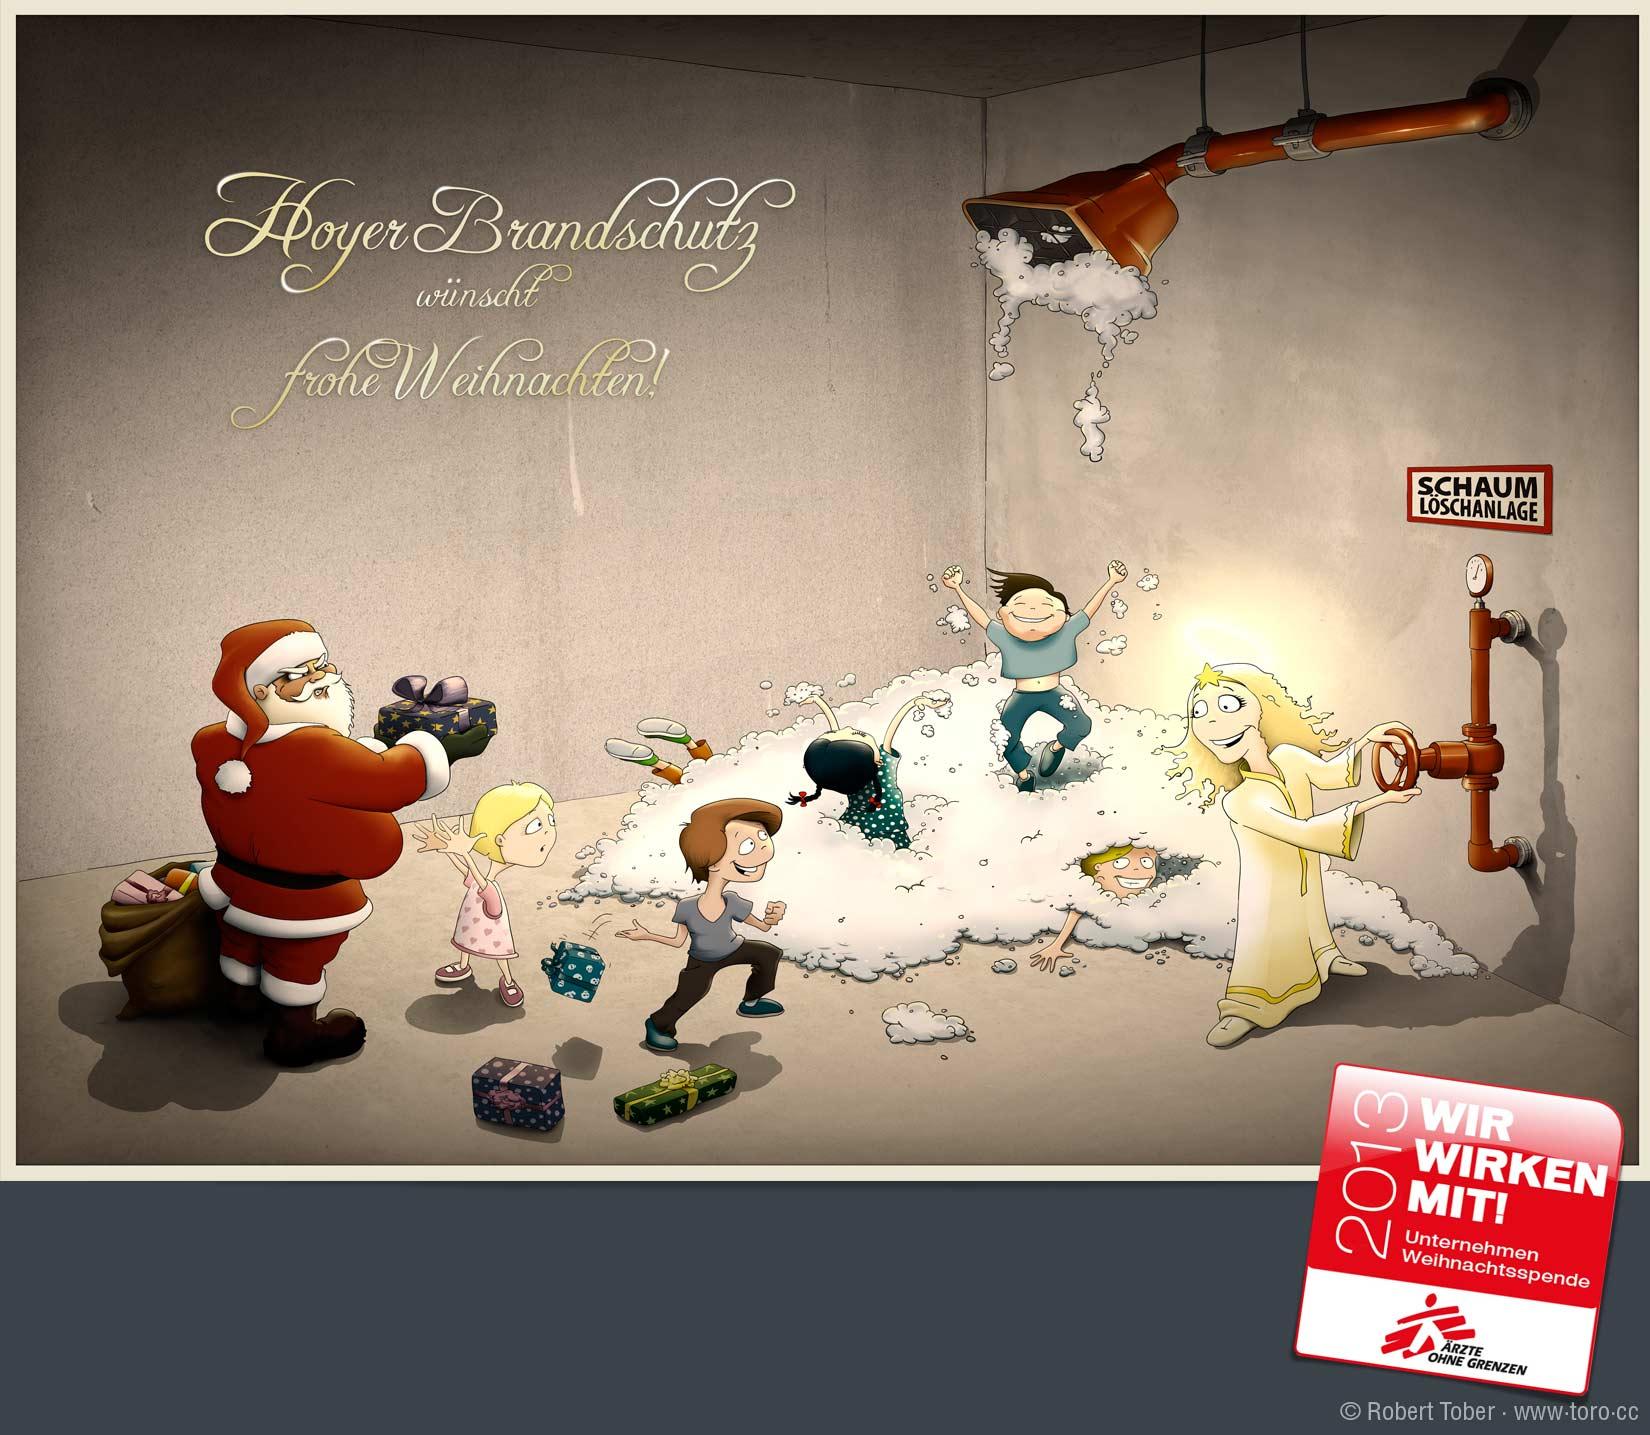 Das Christkind verdirbt Santa das Weihnachtsfest, in dem es den Kindern die Schaumlöschanlage öffnet und diese spielen im herausgeströmten Schaum. Illustration von Robert Tober